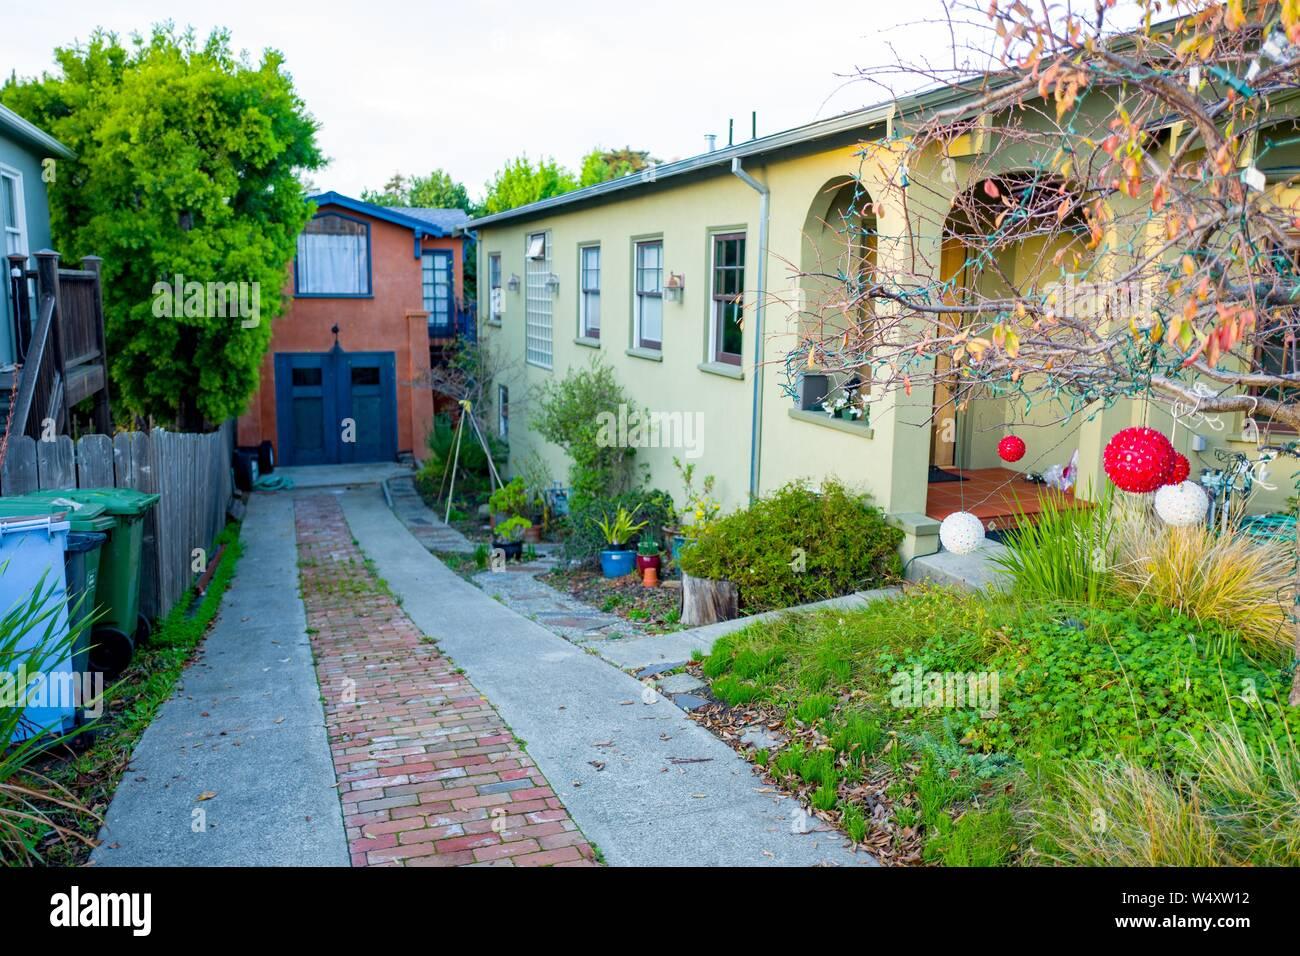 Blick hinunter Einfahrt zu einem großen Haus auf dem Weg zu einer vermeintlichen Zubehör Wohneinheit (ADU), die gemeinhin als im Gesetz Einheit in einer umgebauten Garage in Berkeley, Kalifornien, 18. Dezember 2018 bekannt. ADUs sind eine umstrittene architektonische Besonderheit in Berkeley, wo sie oft gebaut sind Gehäuse Dichte in der San Francisco Bay Area Vorort zu erhöhen. () Stockfoto